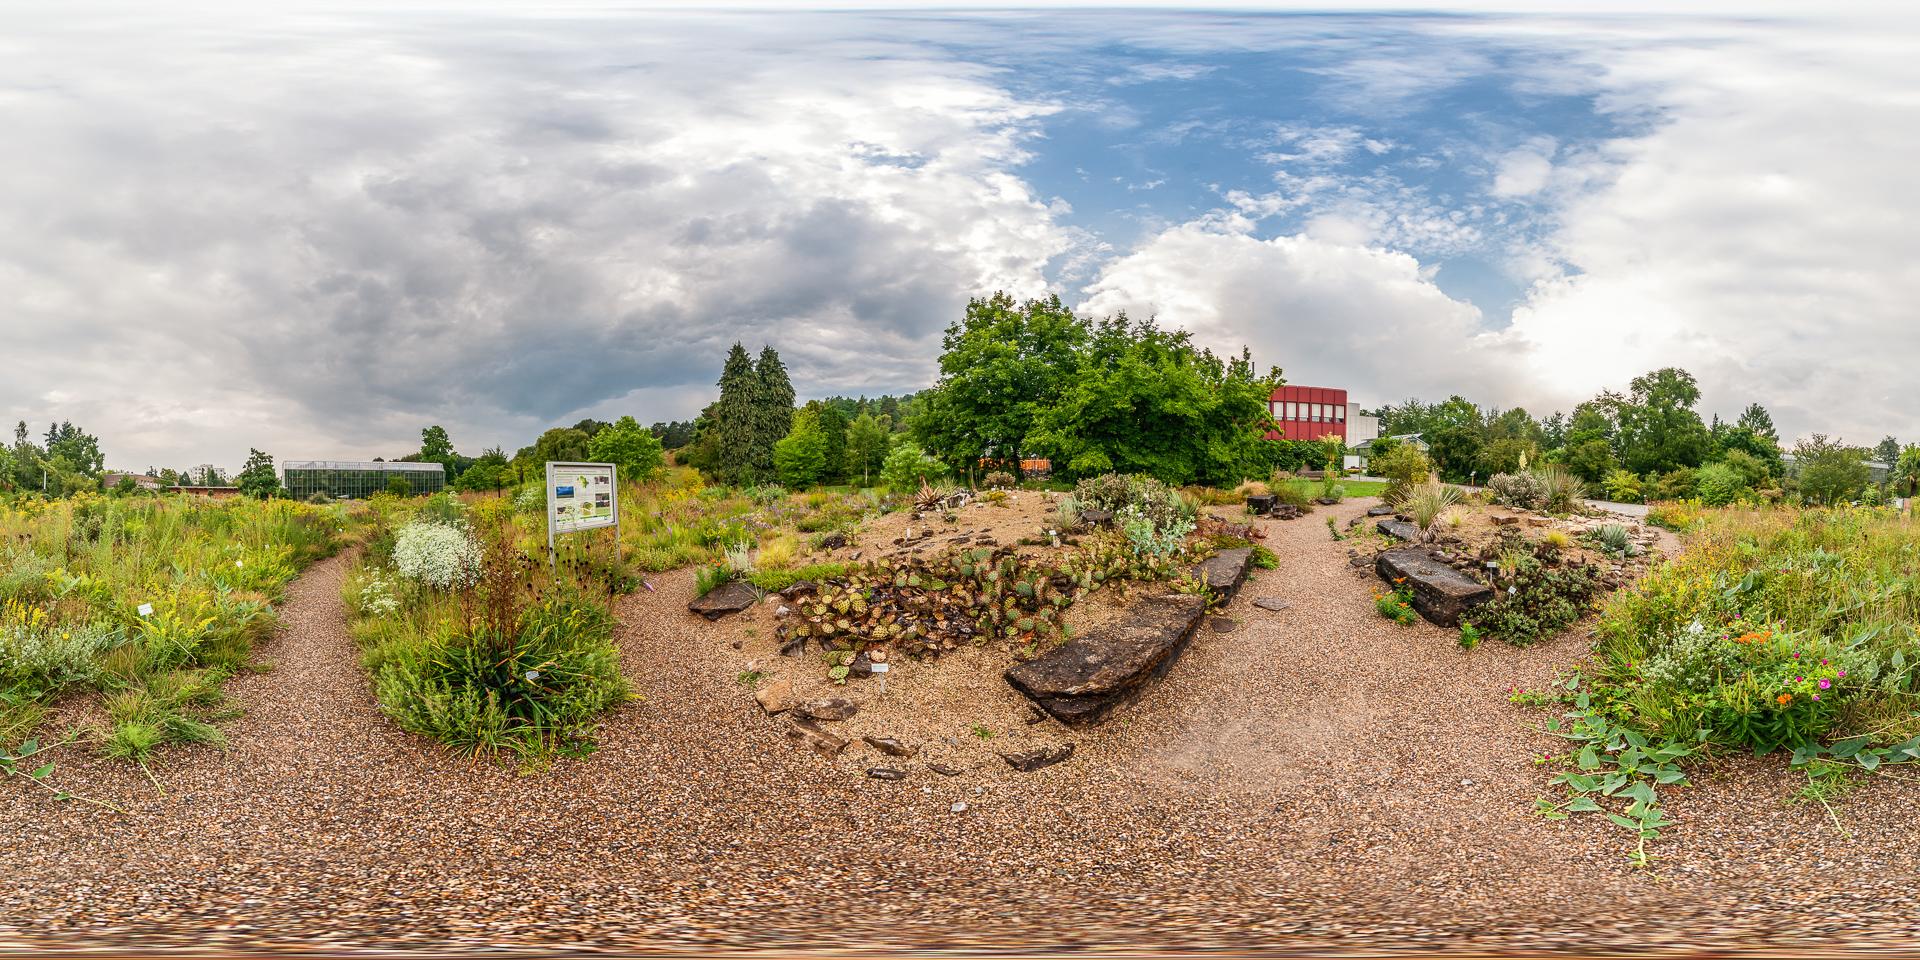 Botanischer Garten Würzburg - Nordamerikanische Prärie